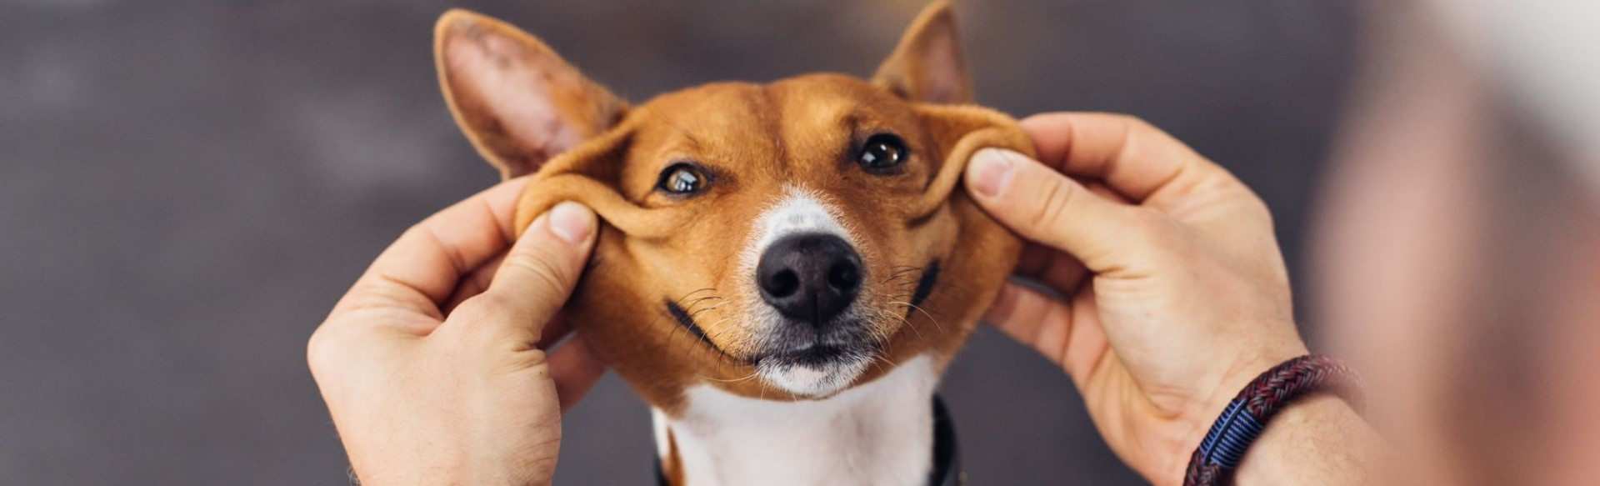 7 dicas para evitar problemas com animais em condomínios